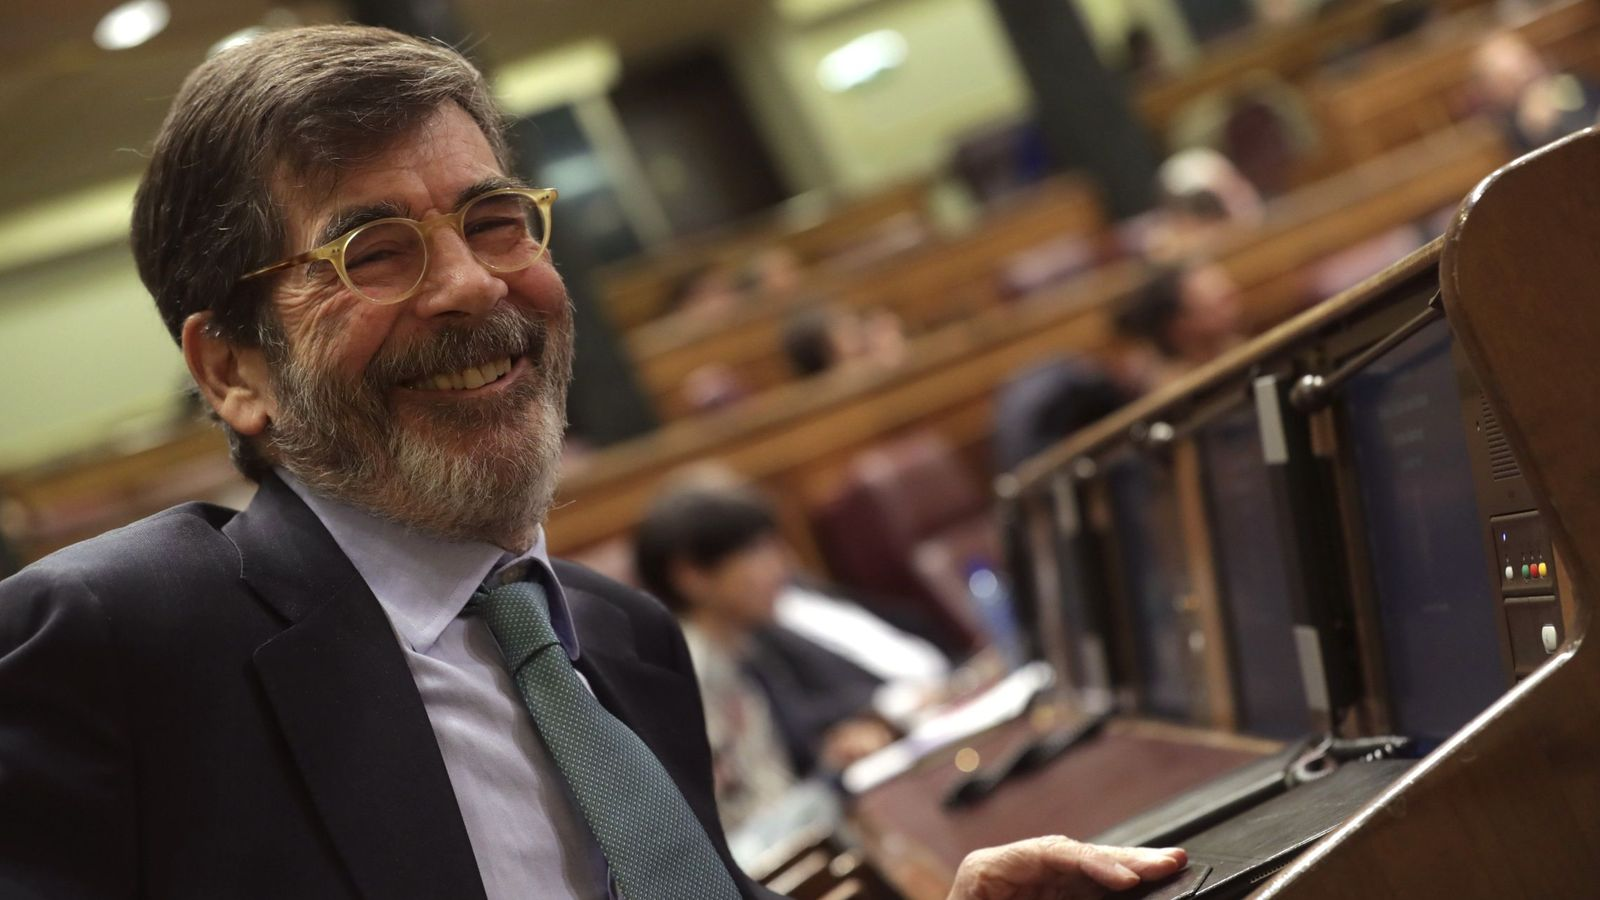 Foto: José Enrique Serrano, presidente de la comisión de evaluación y modernización del Estado autonómico, este 15 de noviembre en el pleno del Congreso. (EFE)